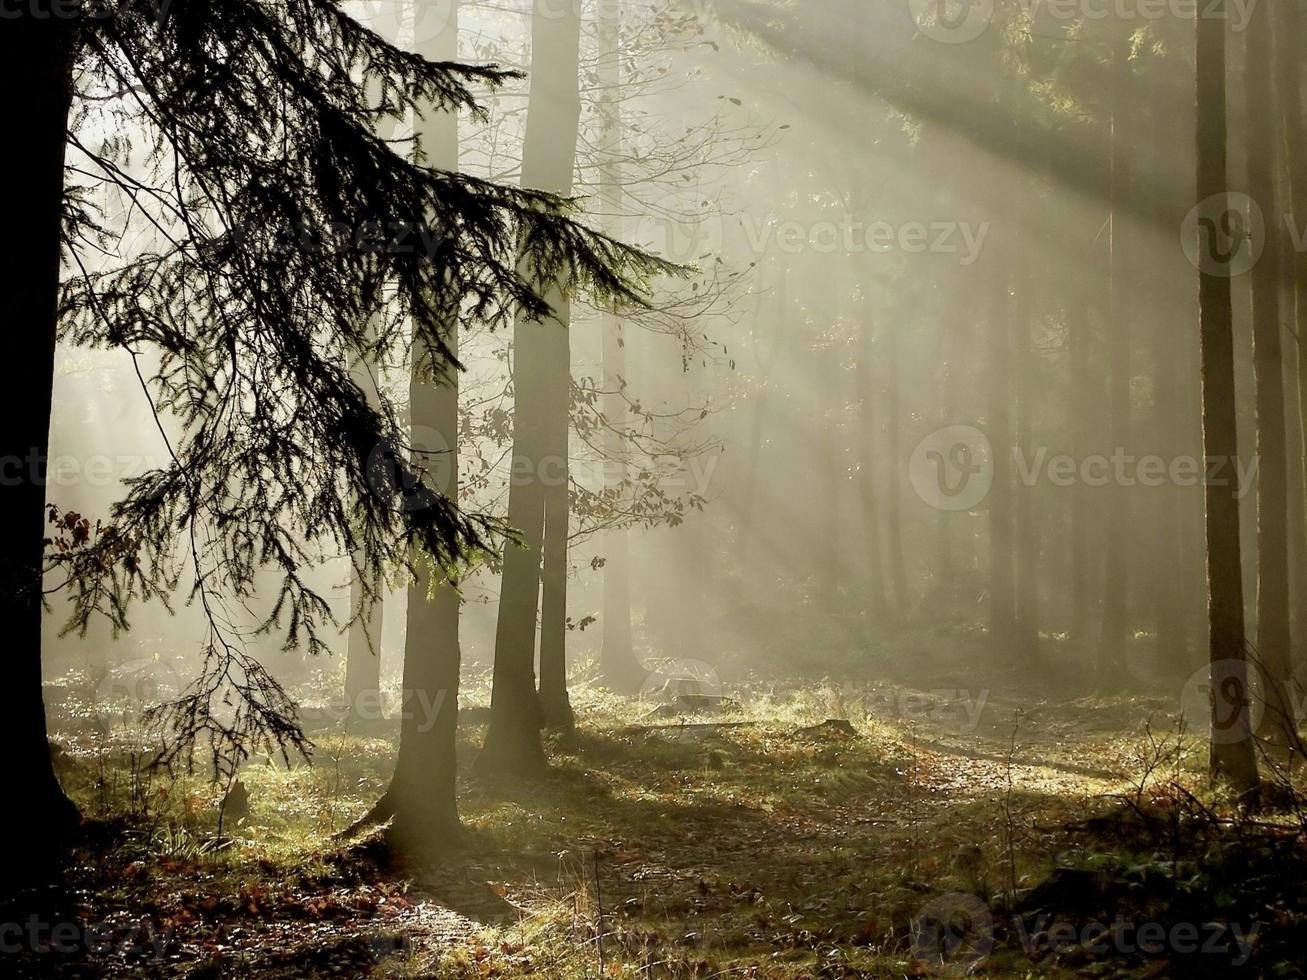 weergave van naaldbos bij dageraad met licht schijnt door foto